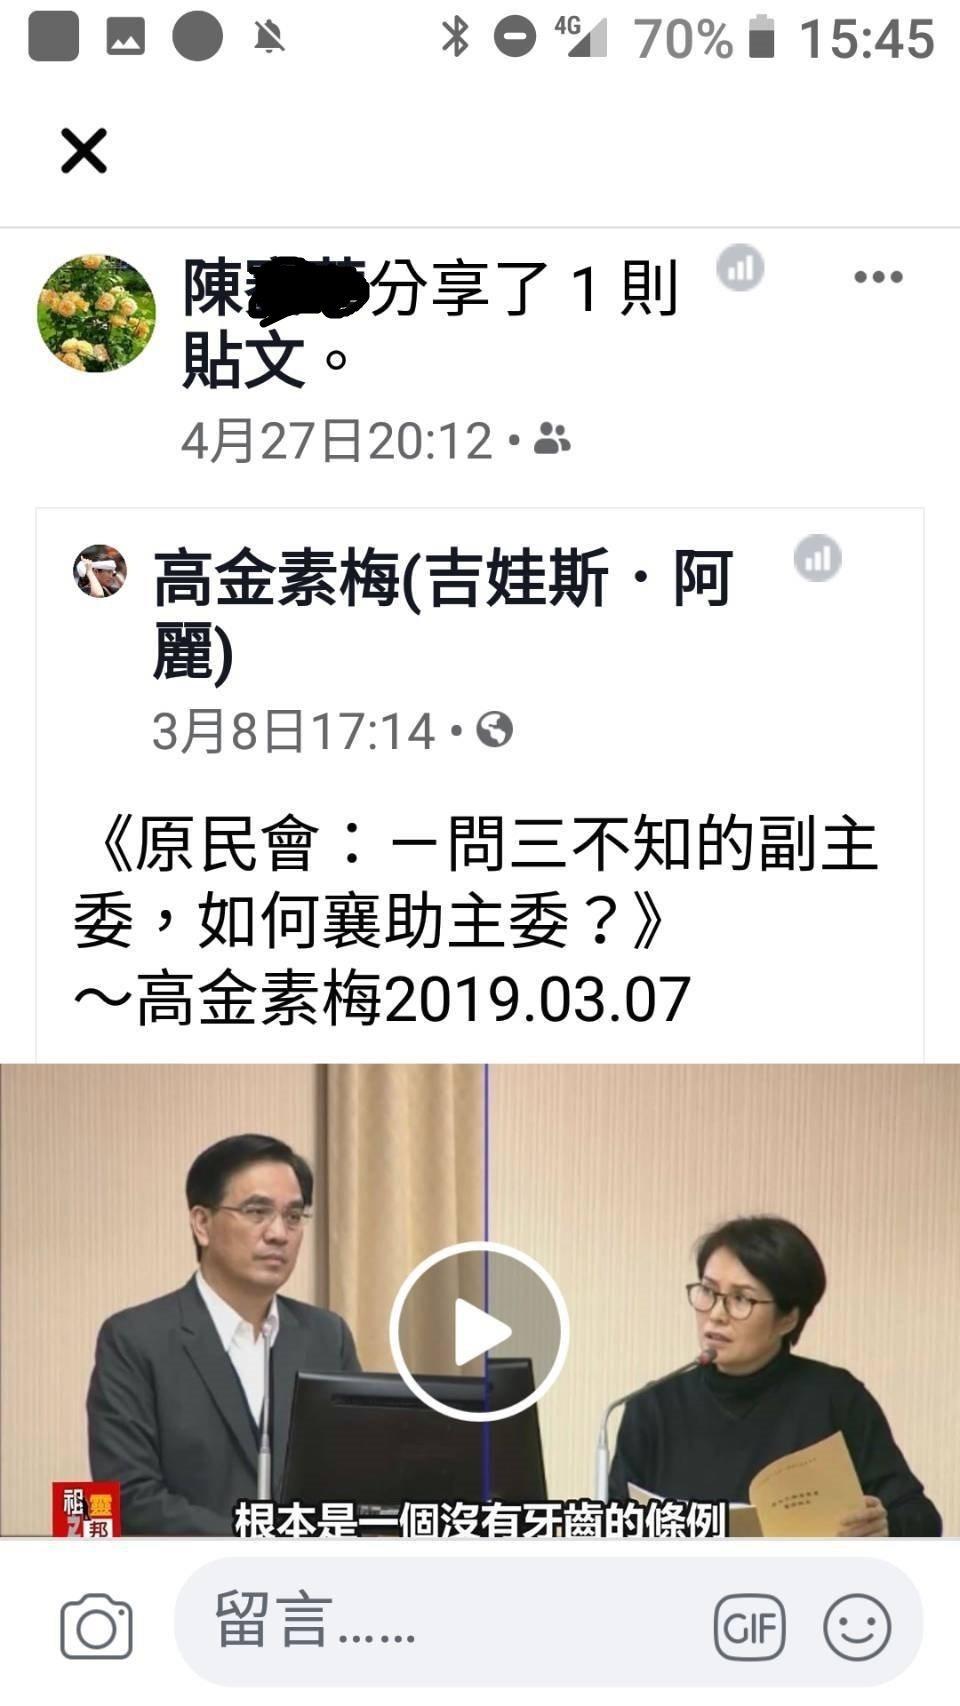 受害民眾陳小姐因為轉貼了立委高金素梅質詢而遭到警方約詢。圖片/國民黨提供